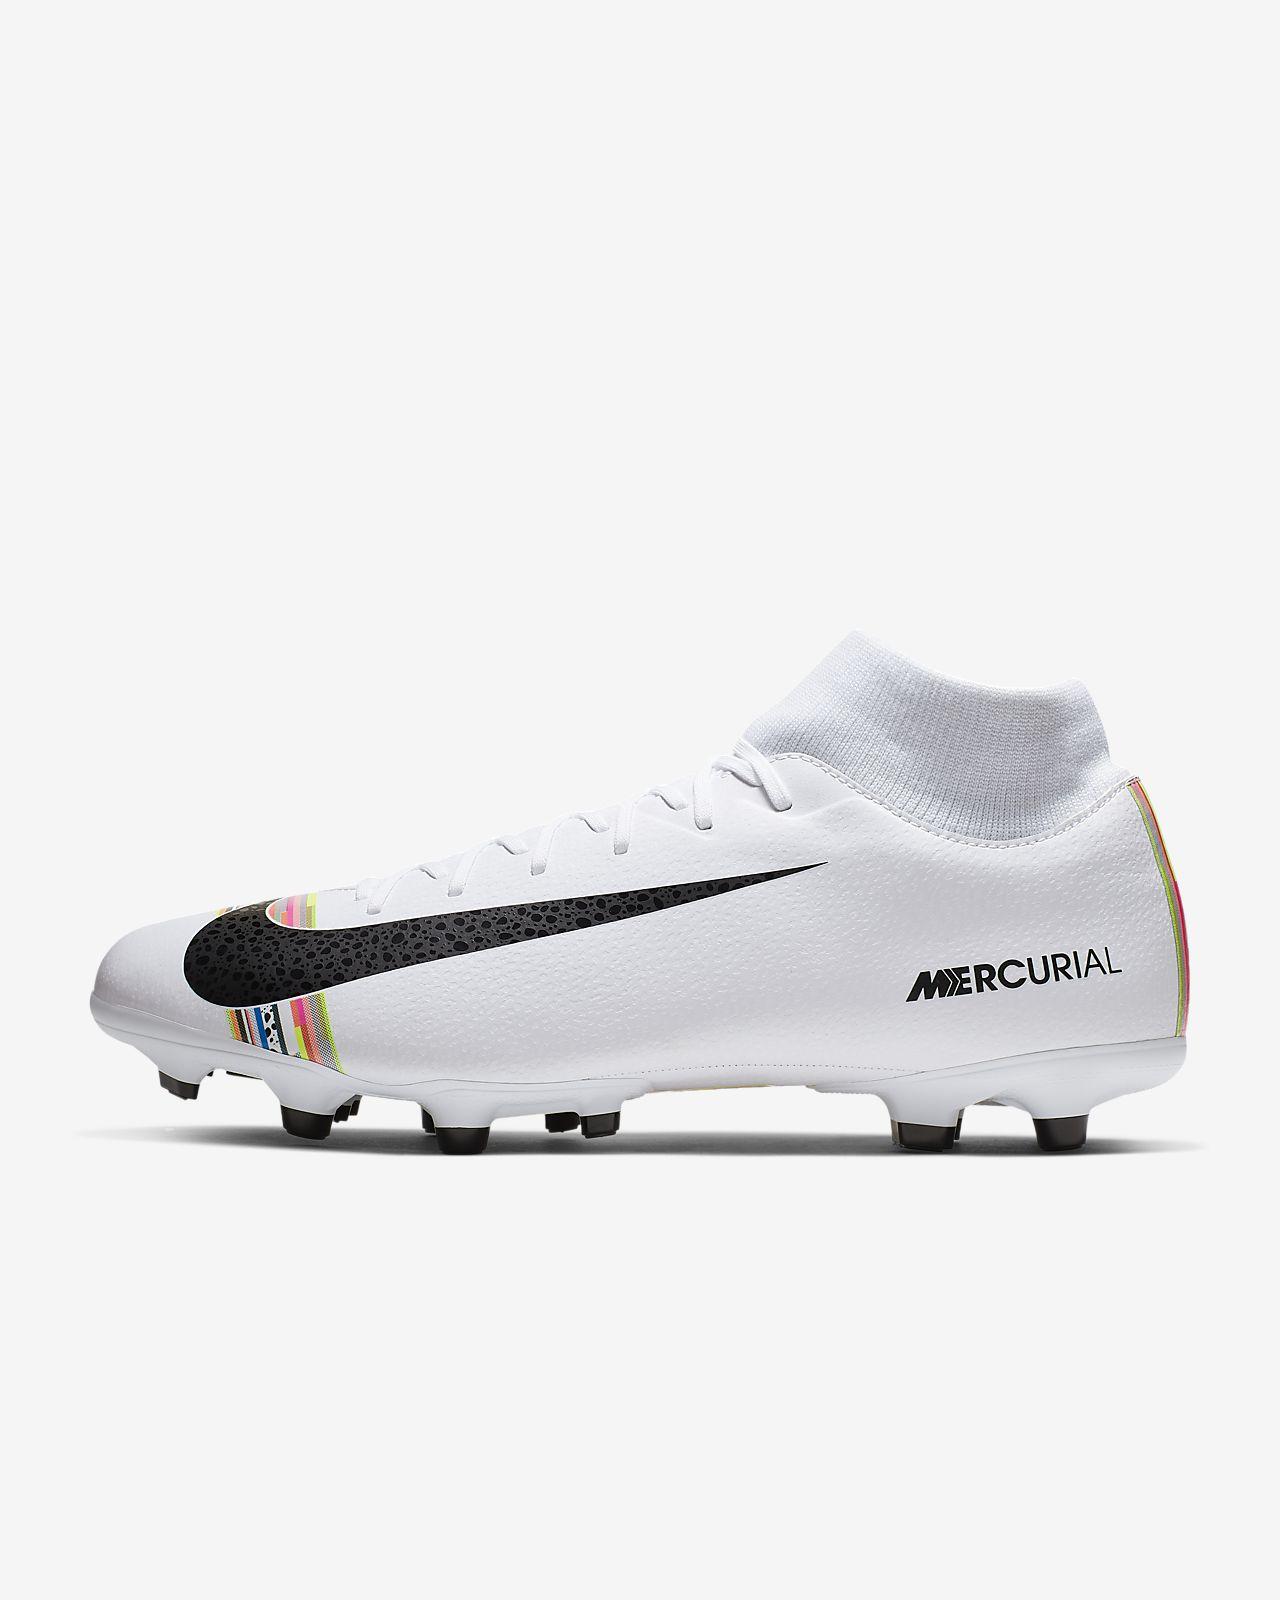 best sneakers 9bdcb aebb2 Nike Mercurial Superfly 6 Academy LVL UP MG Çoklu Zemin Kramponu